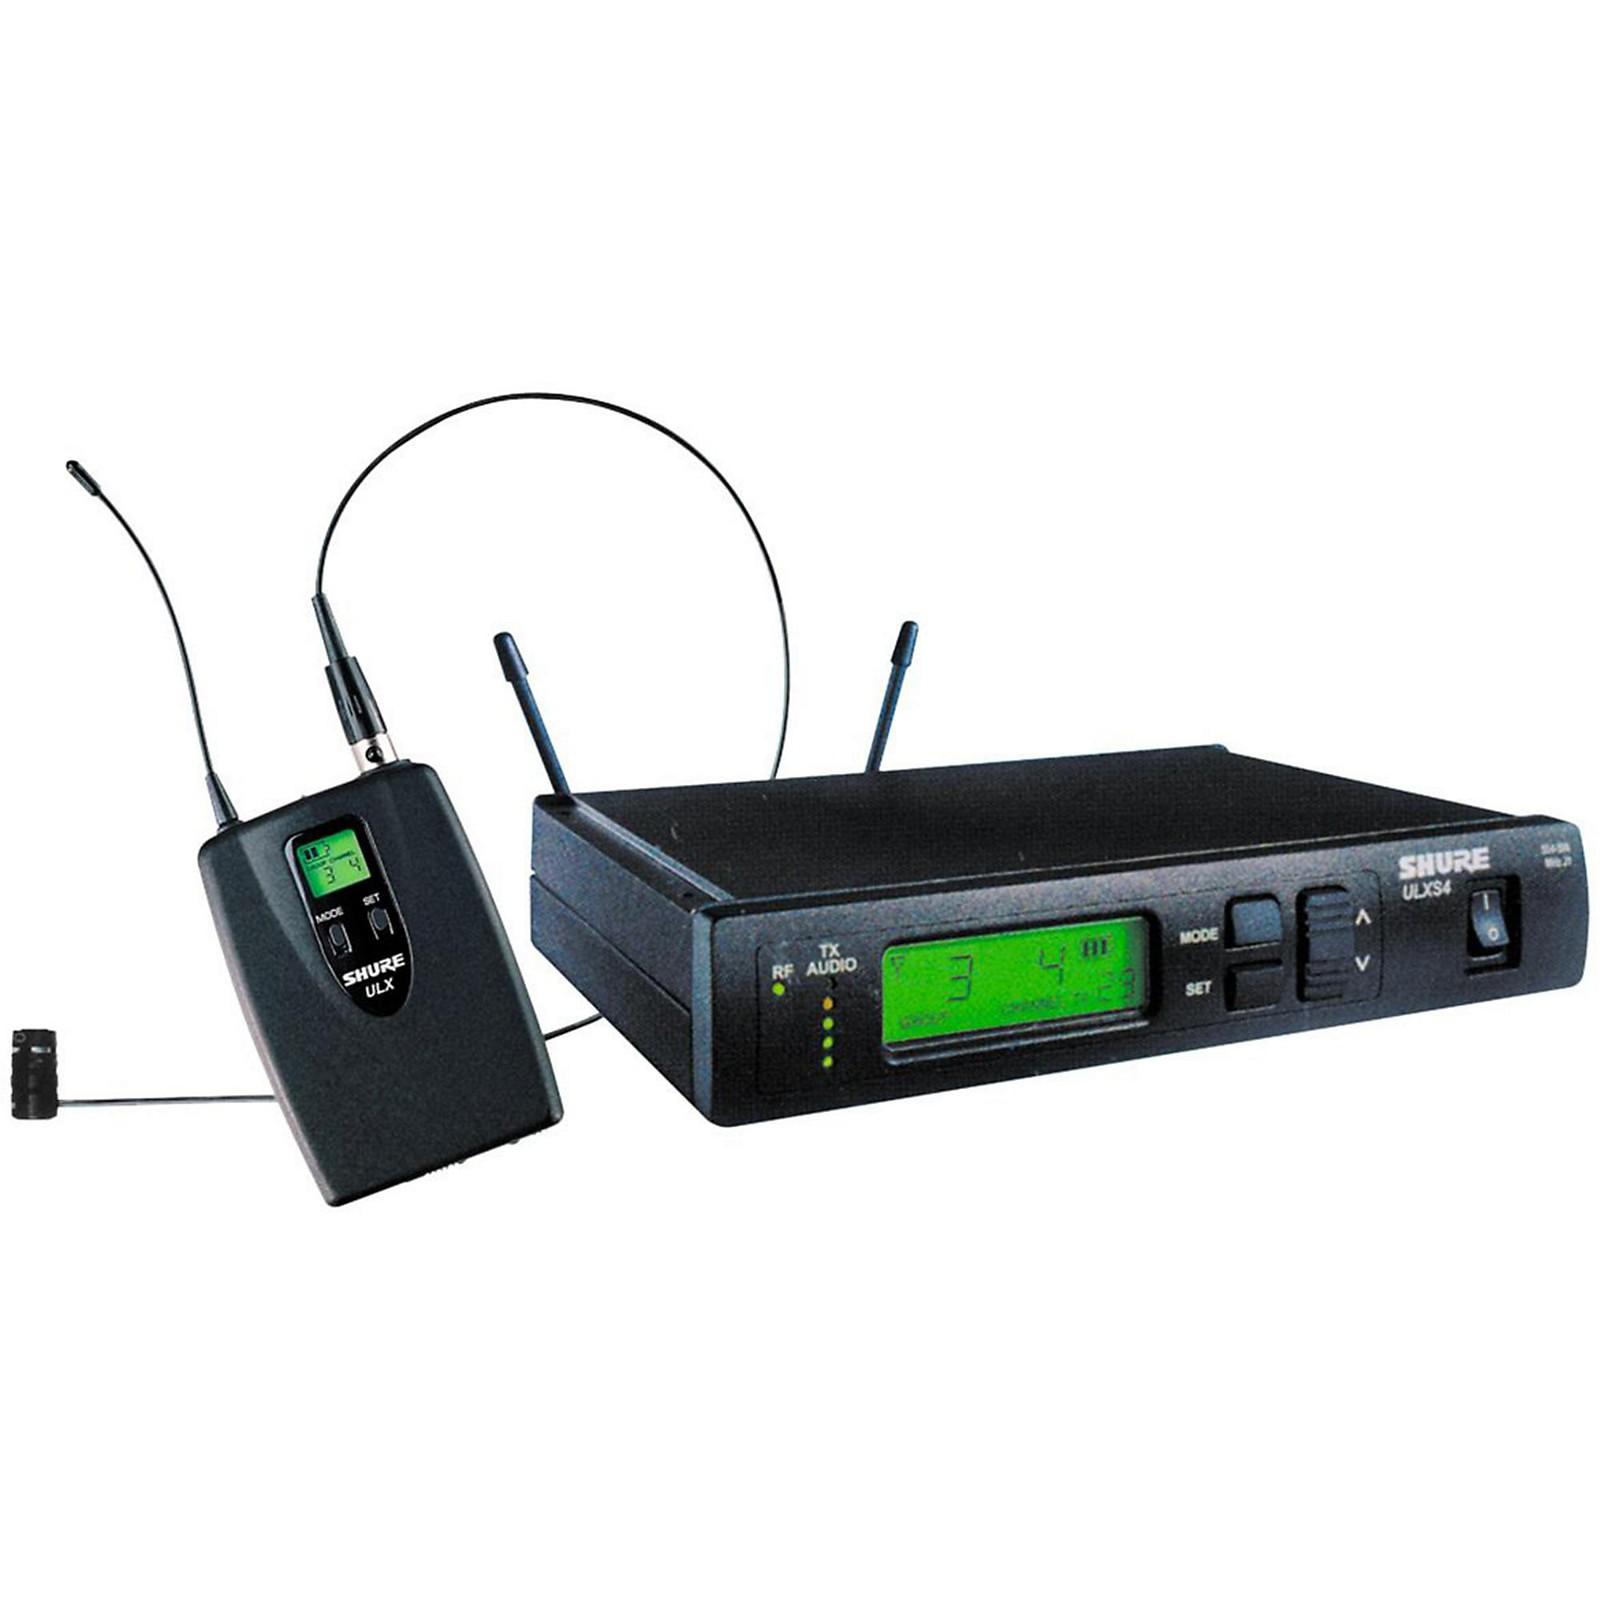 Open Box Shure ULXS14/85 Lavalier Wireless System